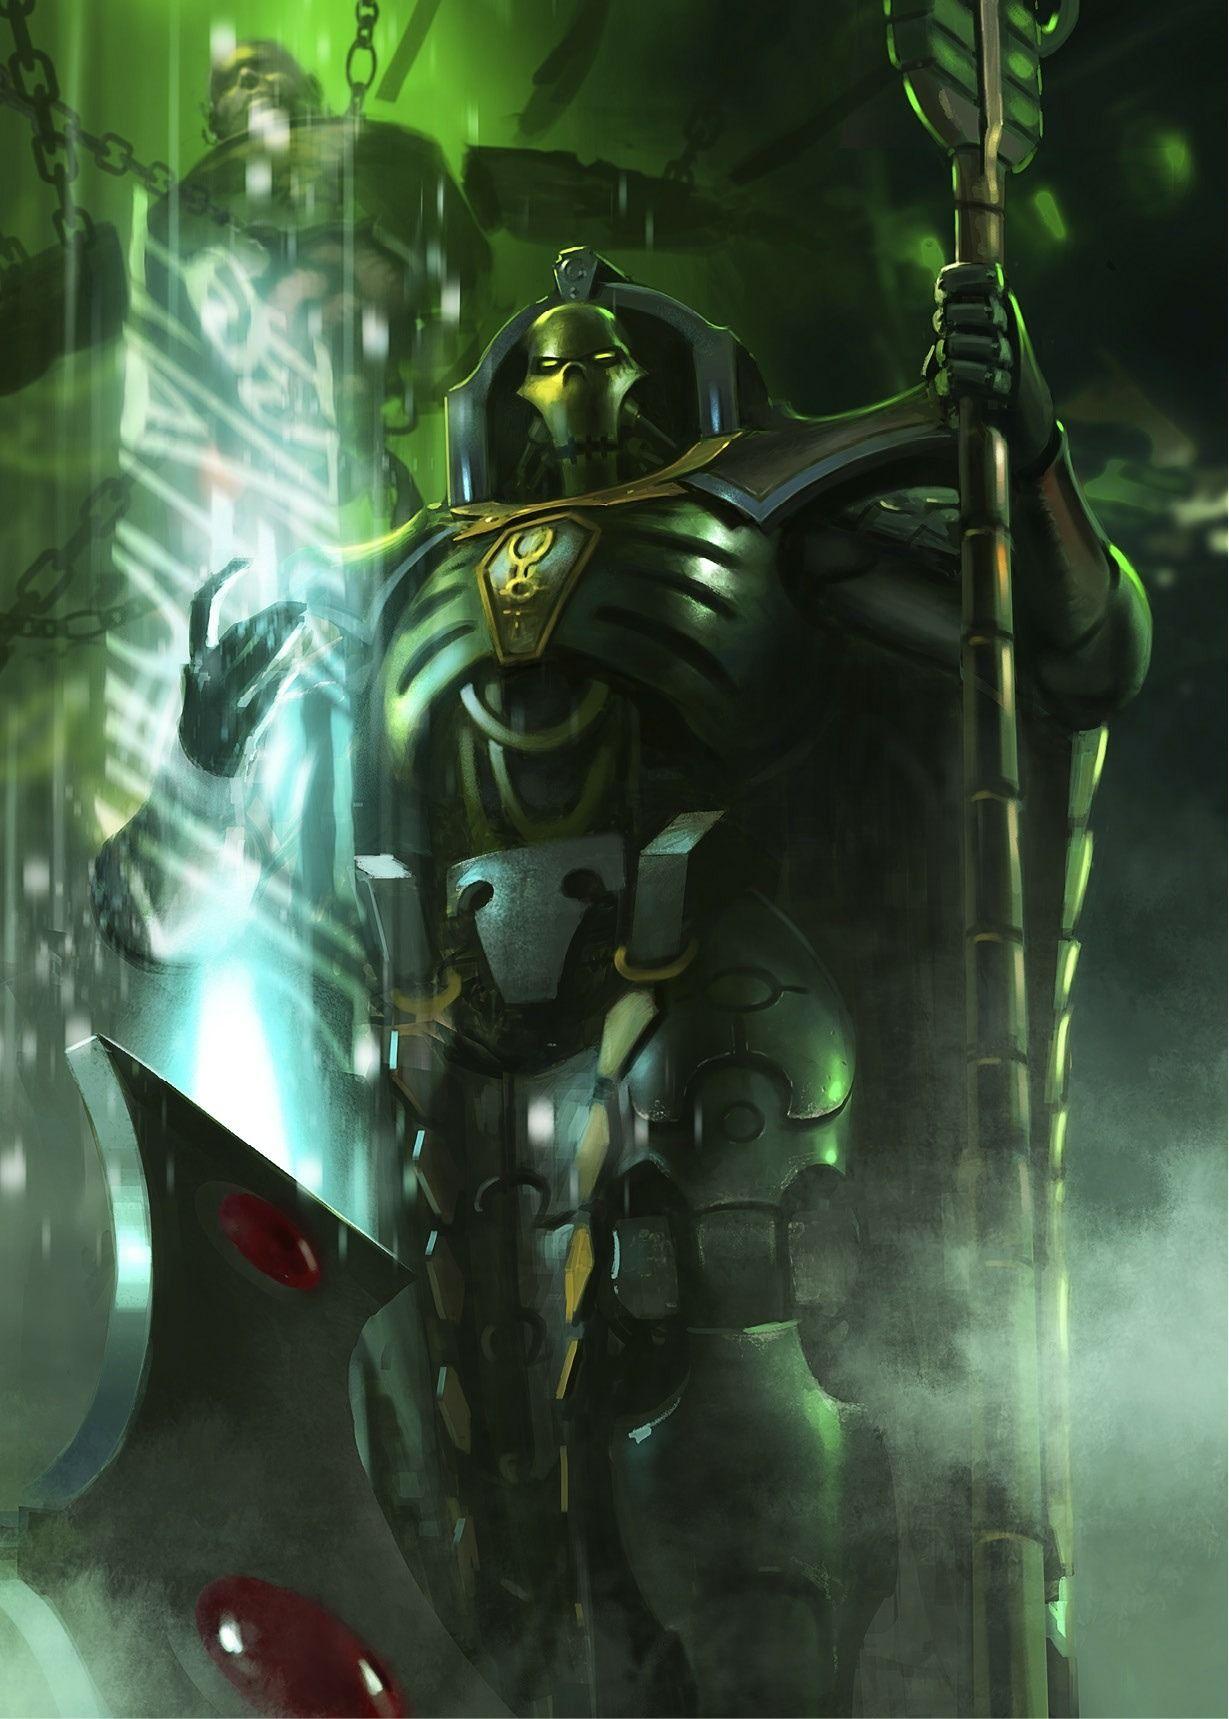 Warhammer 40k Artwork Photo Warhammer Warhammer 40k Necrons Necron